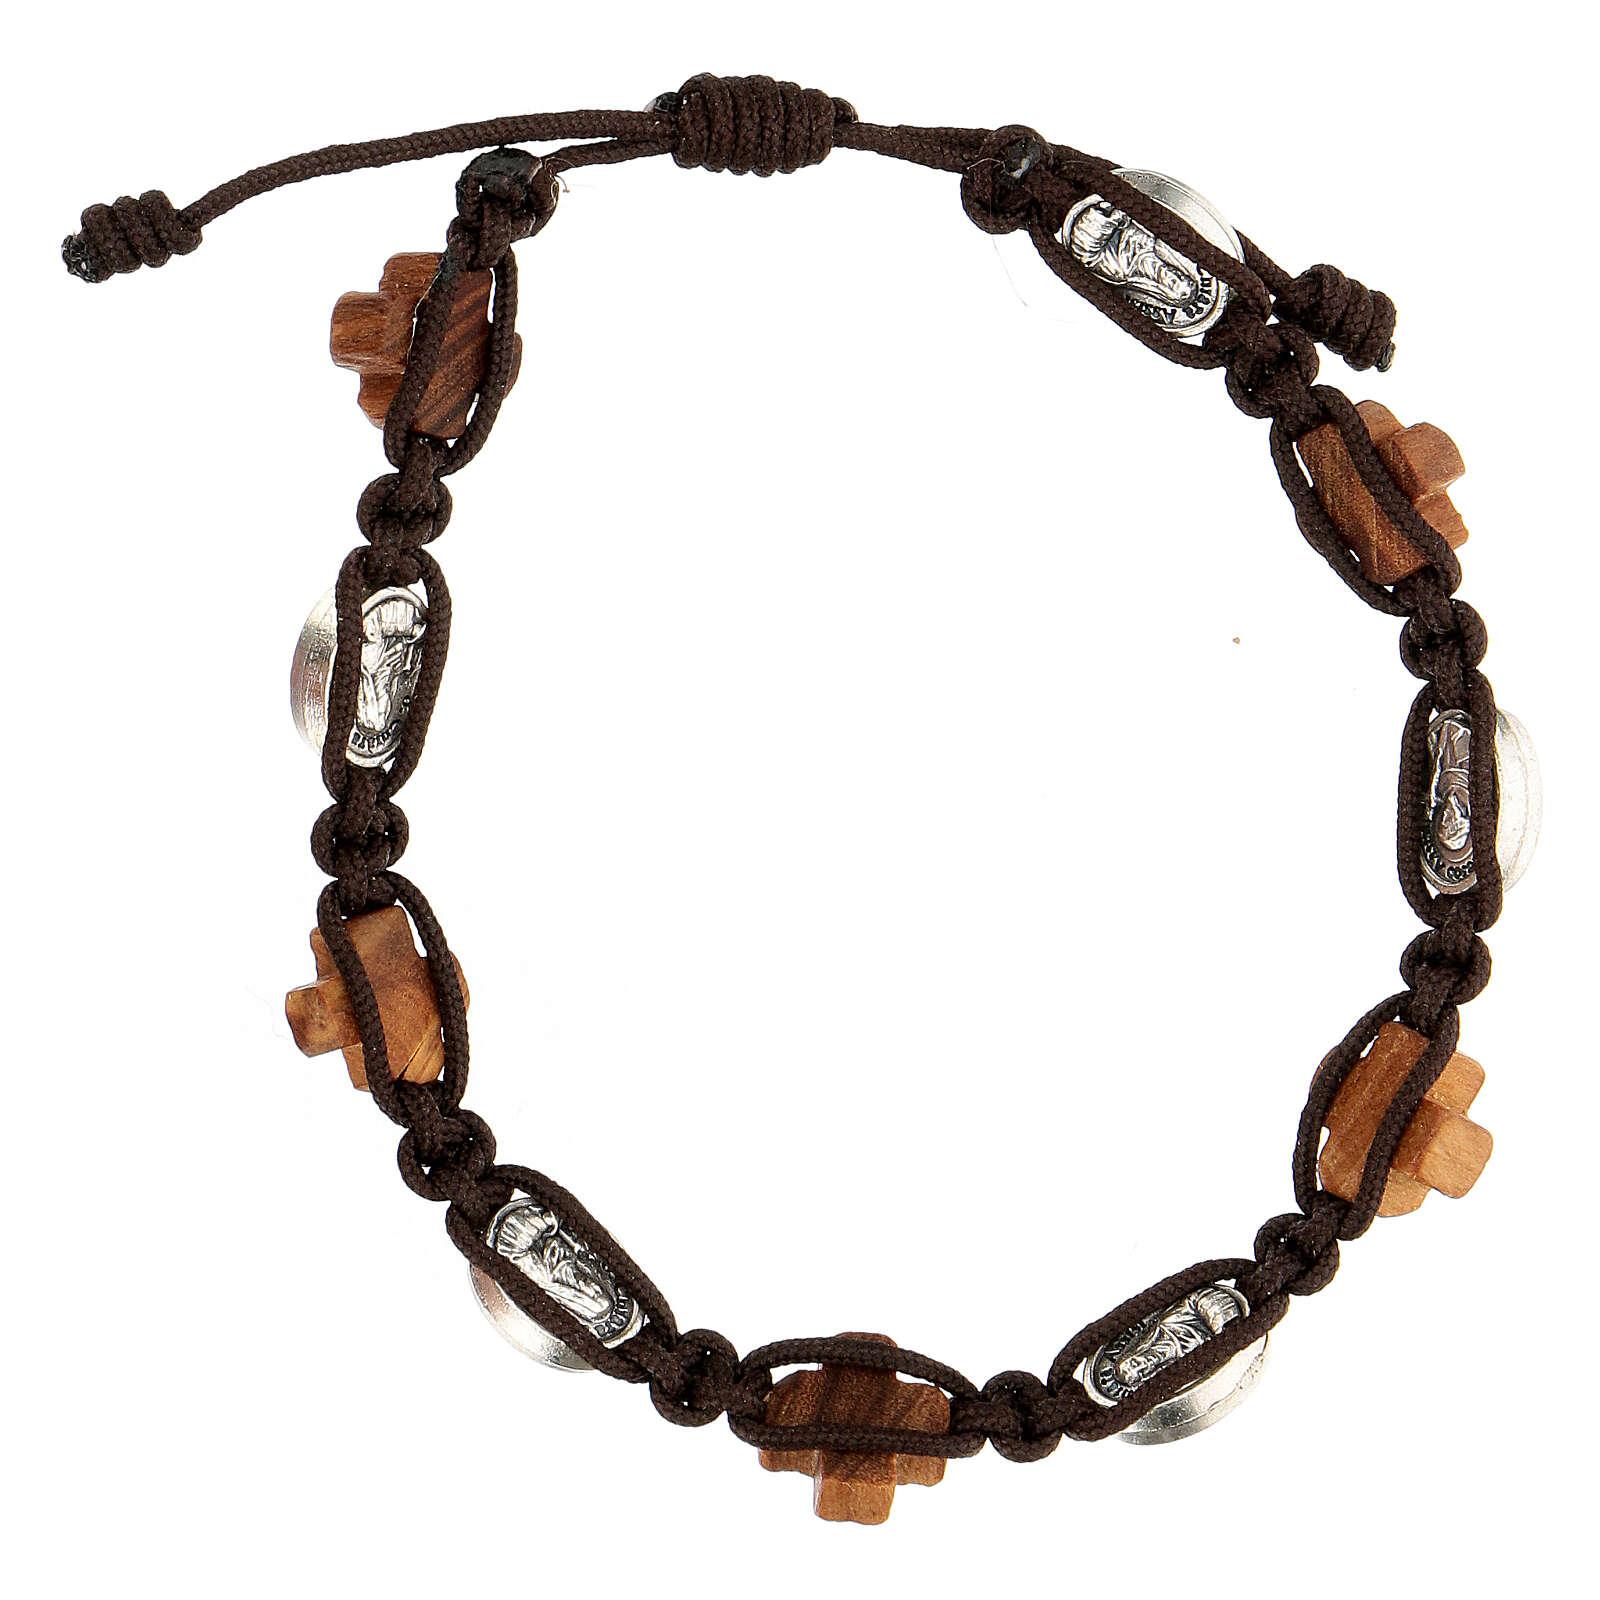 Pulsera olivo Medjugorje medalla cuerda marrón 4